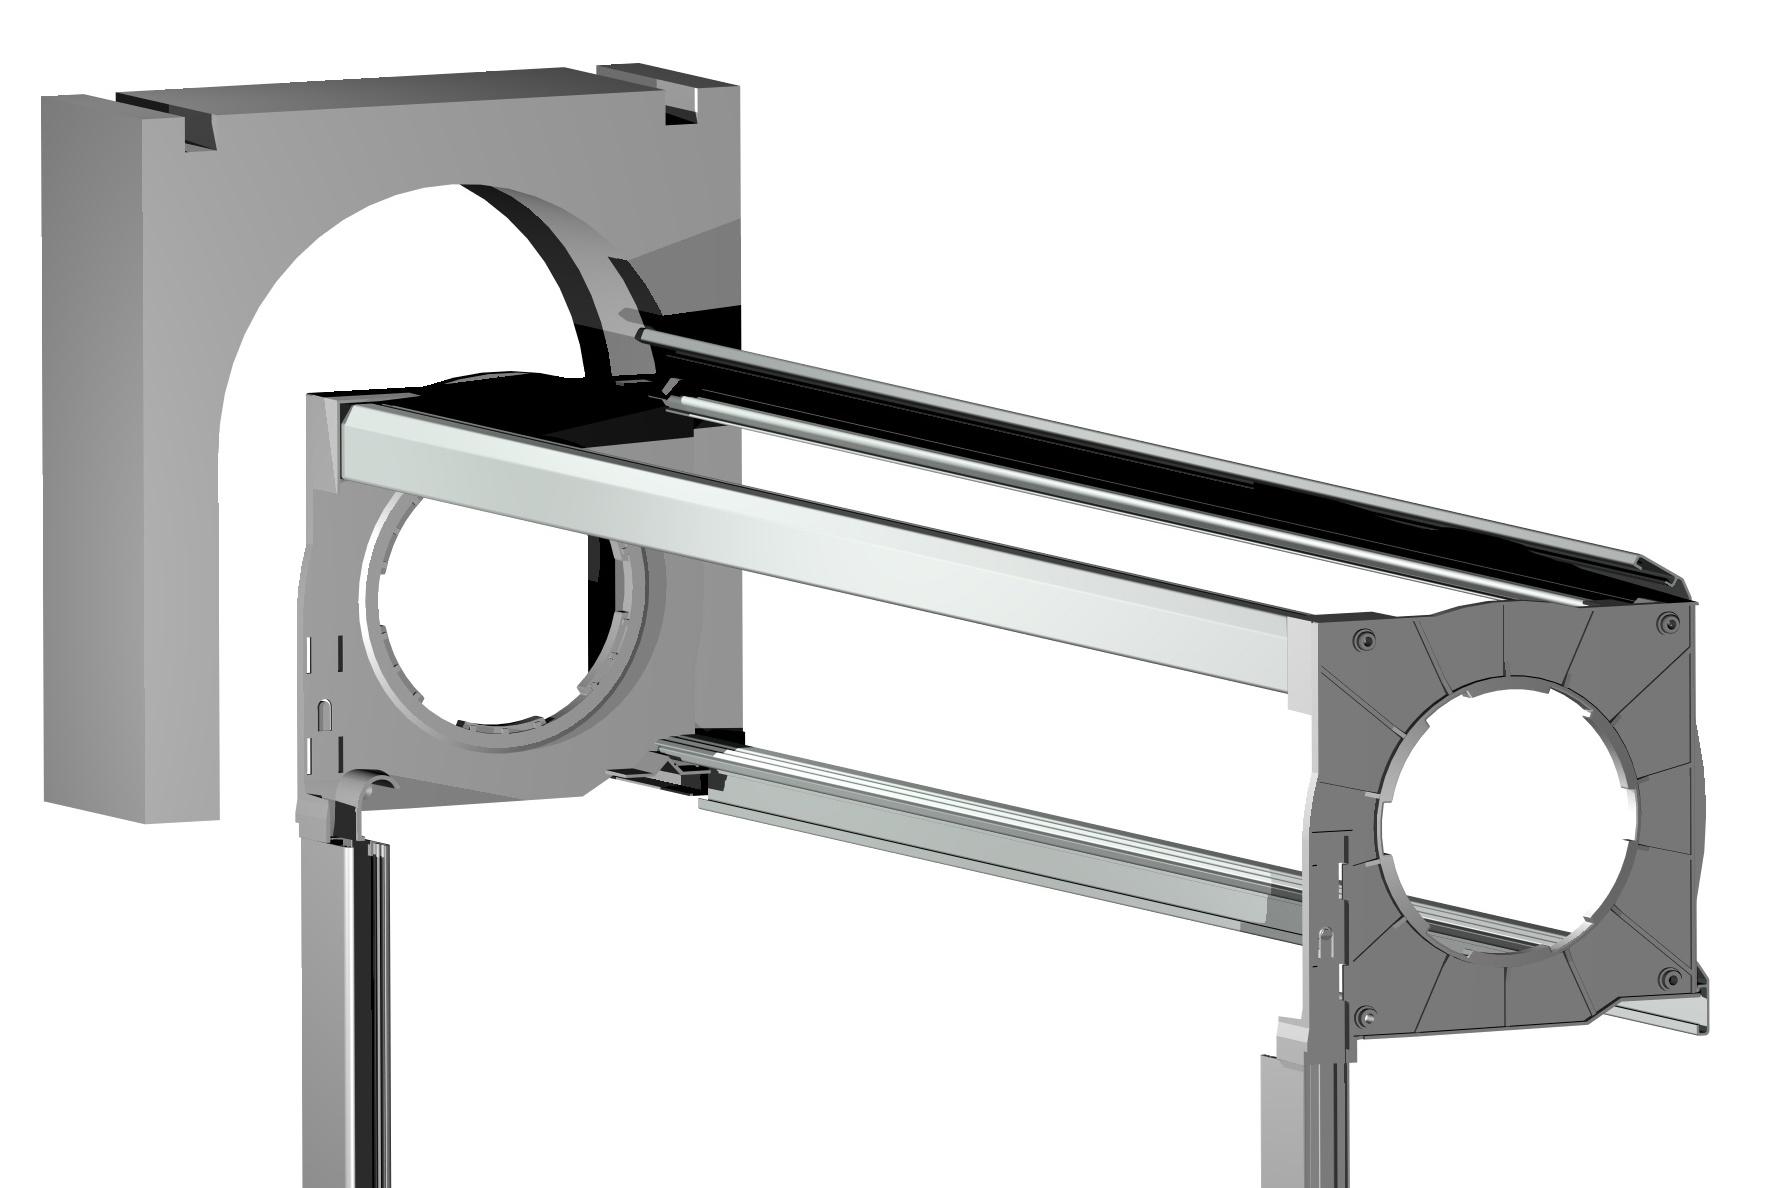 coffre bloc volet roulant lame orientable cadre mono bloc rénovation maison fenêtre lyon